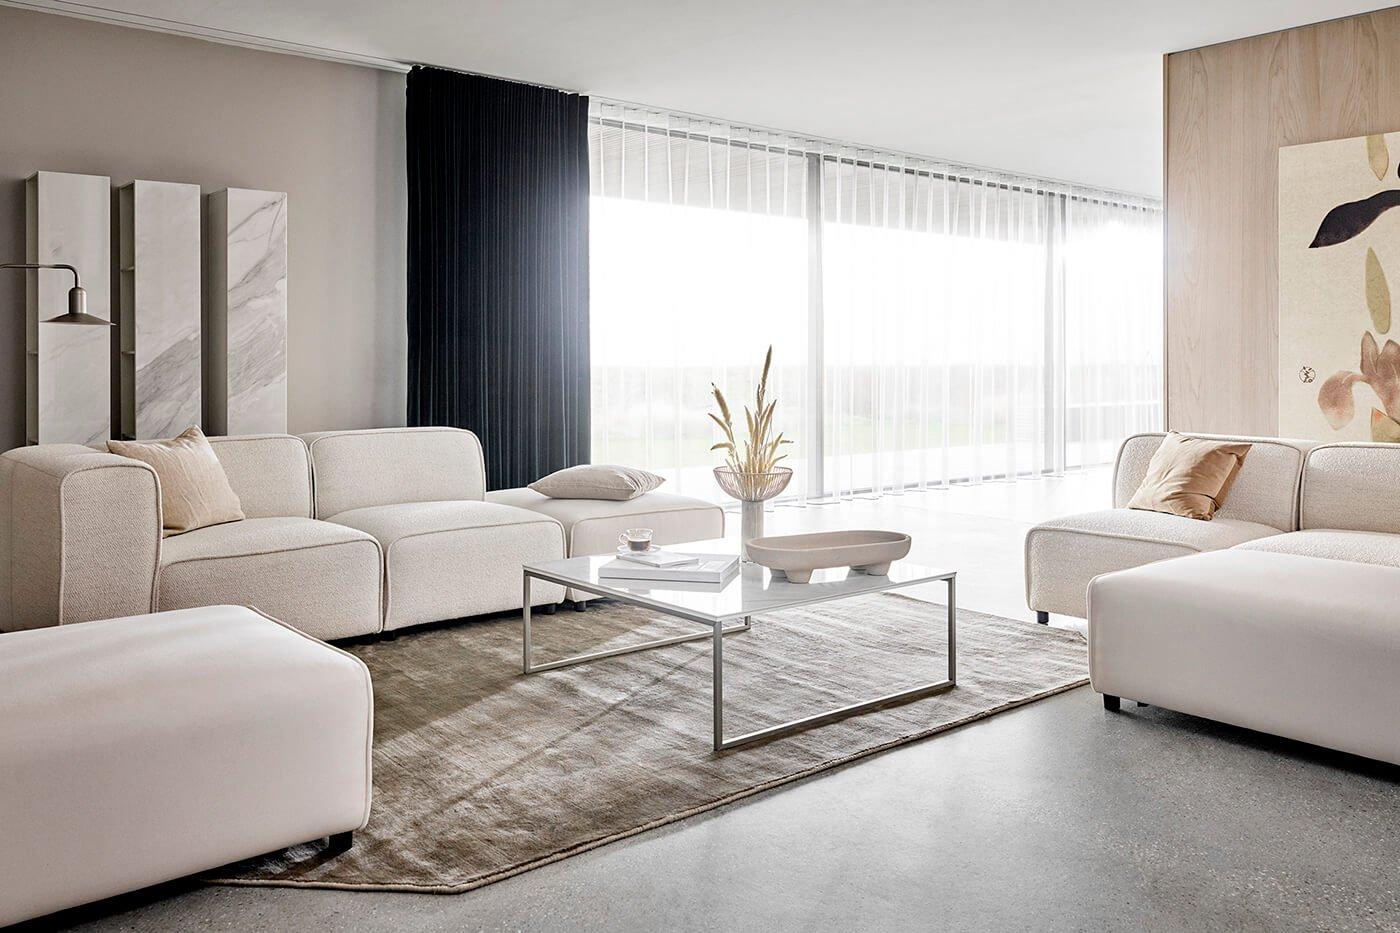 BoConcept furniture